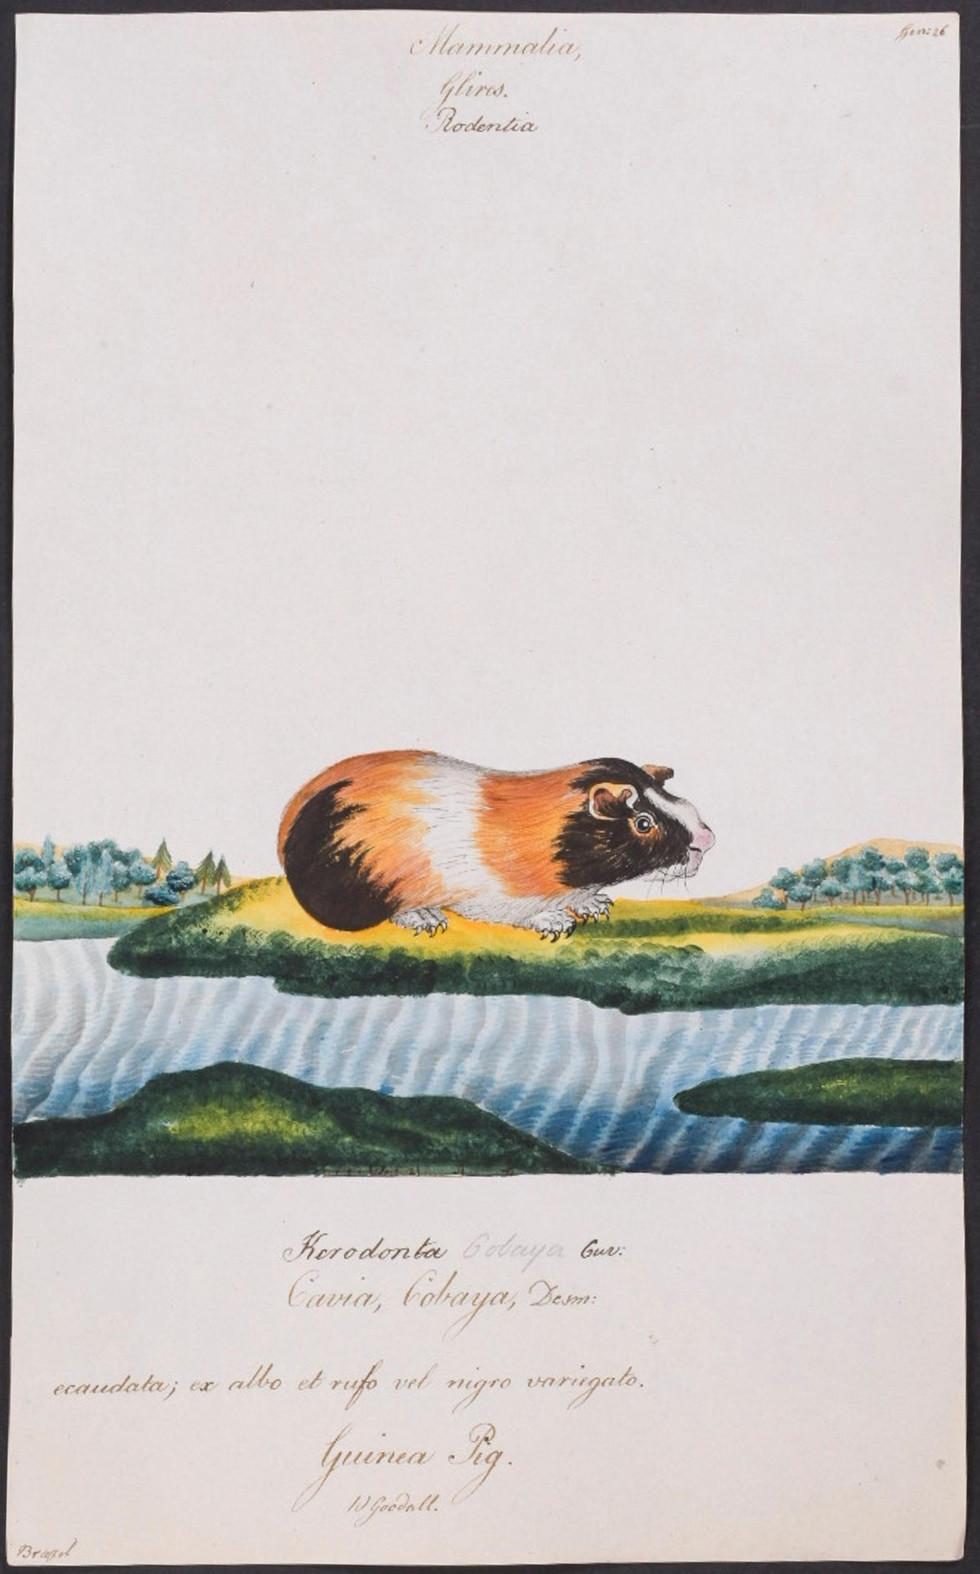 Guinea Pig (Cavia Cobaya)